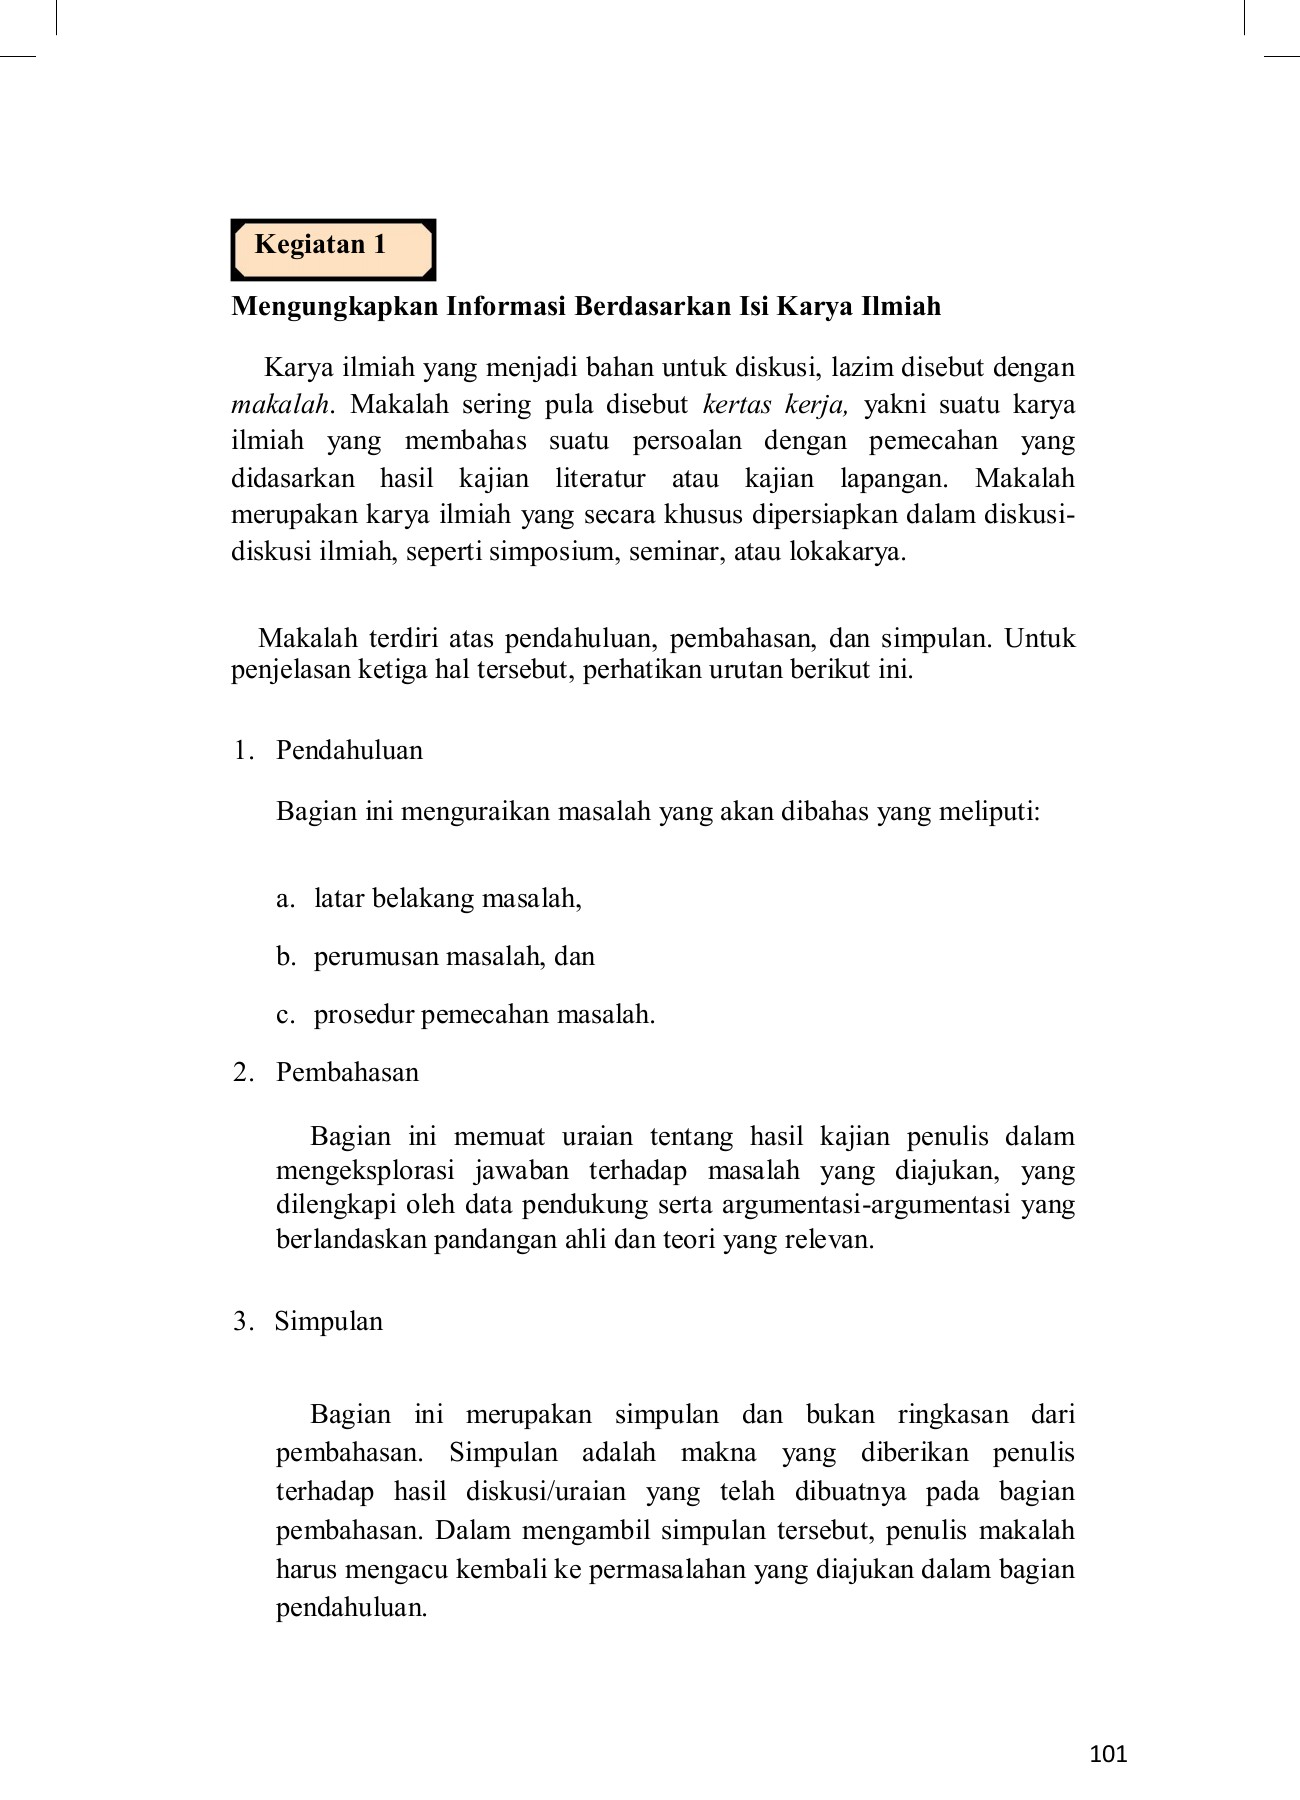 Modul Bahasa Indonesia Kelas Xi Raswan Kenedi Pdf Flip Book Pages 101 135 Pubhtml5